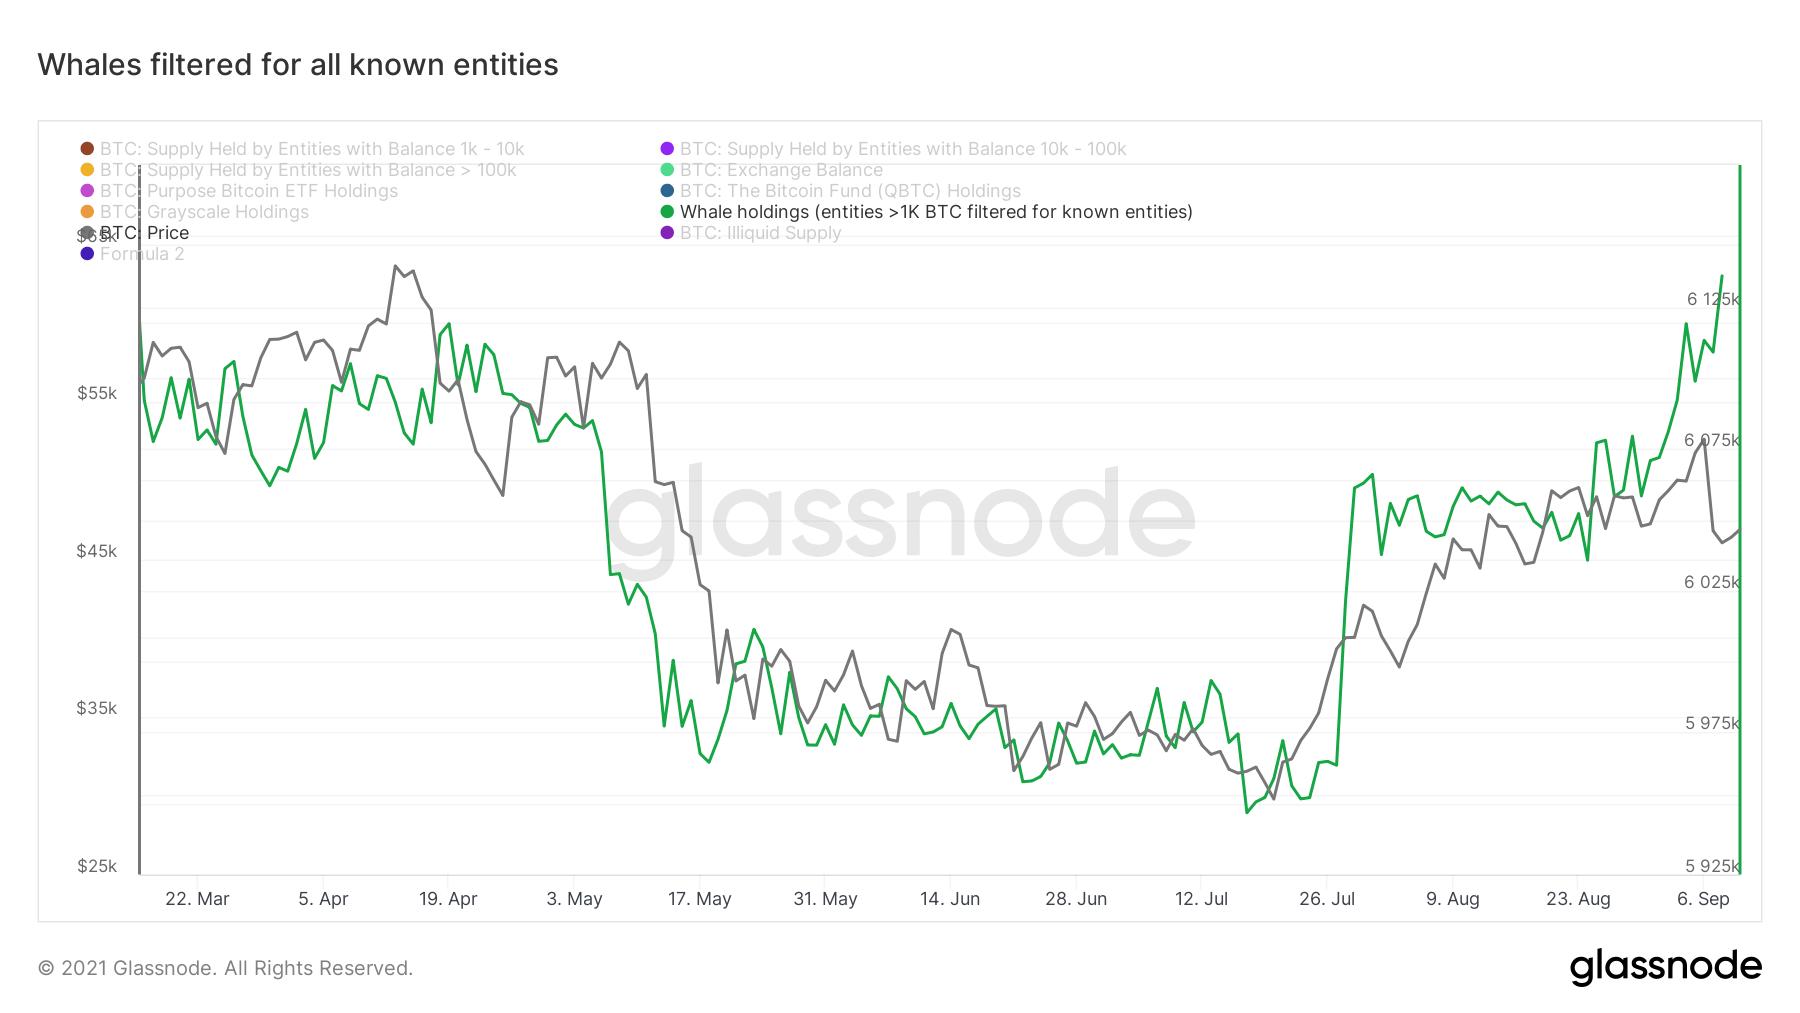 Bitcoin Ayı Sezonuna Mı Giriyor Yoksa Sadece Düzeltme Mi? Ünlü Analist Yorumladı! 3 - 14